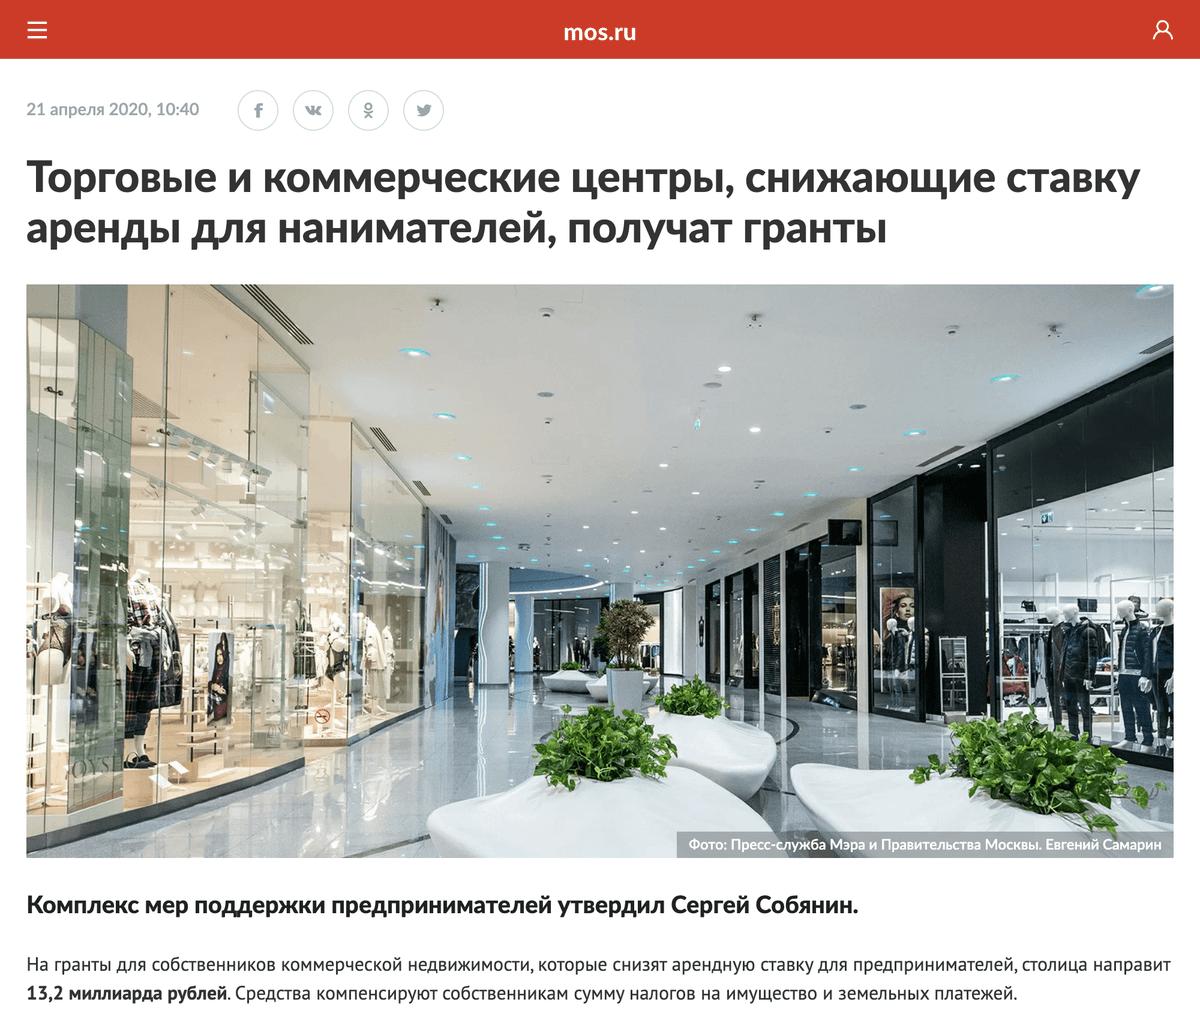 Правительство Москвы выделило 13,2 млрд рублей на поддержку тех арендодателей, которые снизят платежи дляпострадавших от пандемии арендаторов